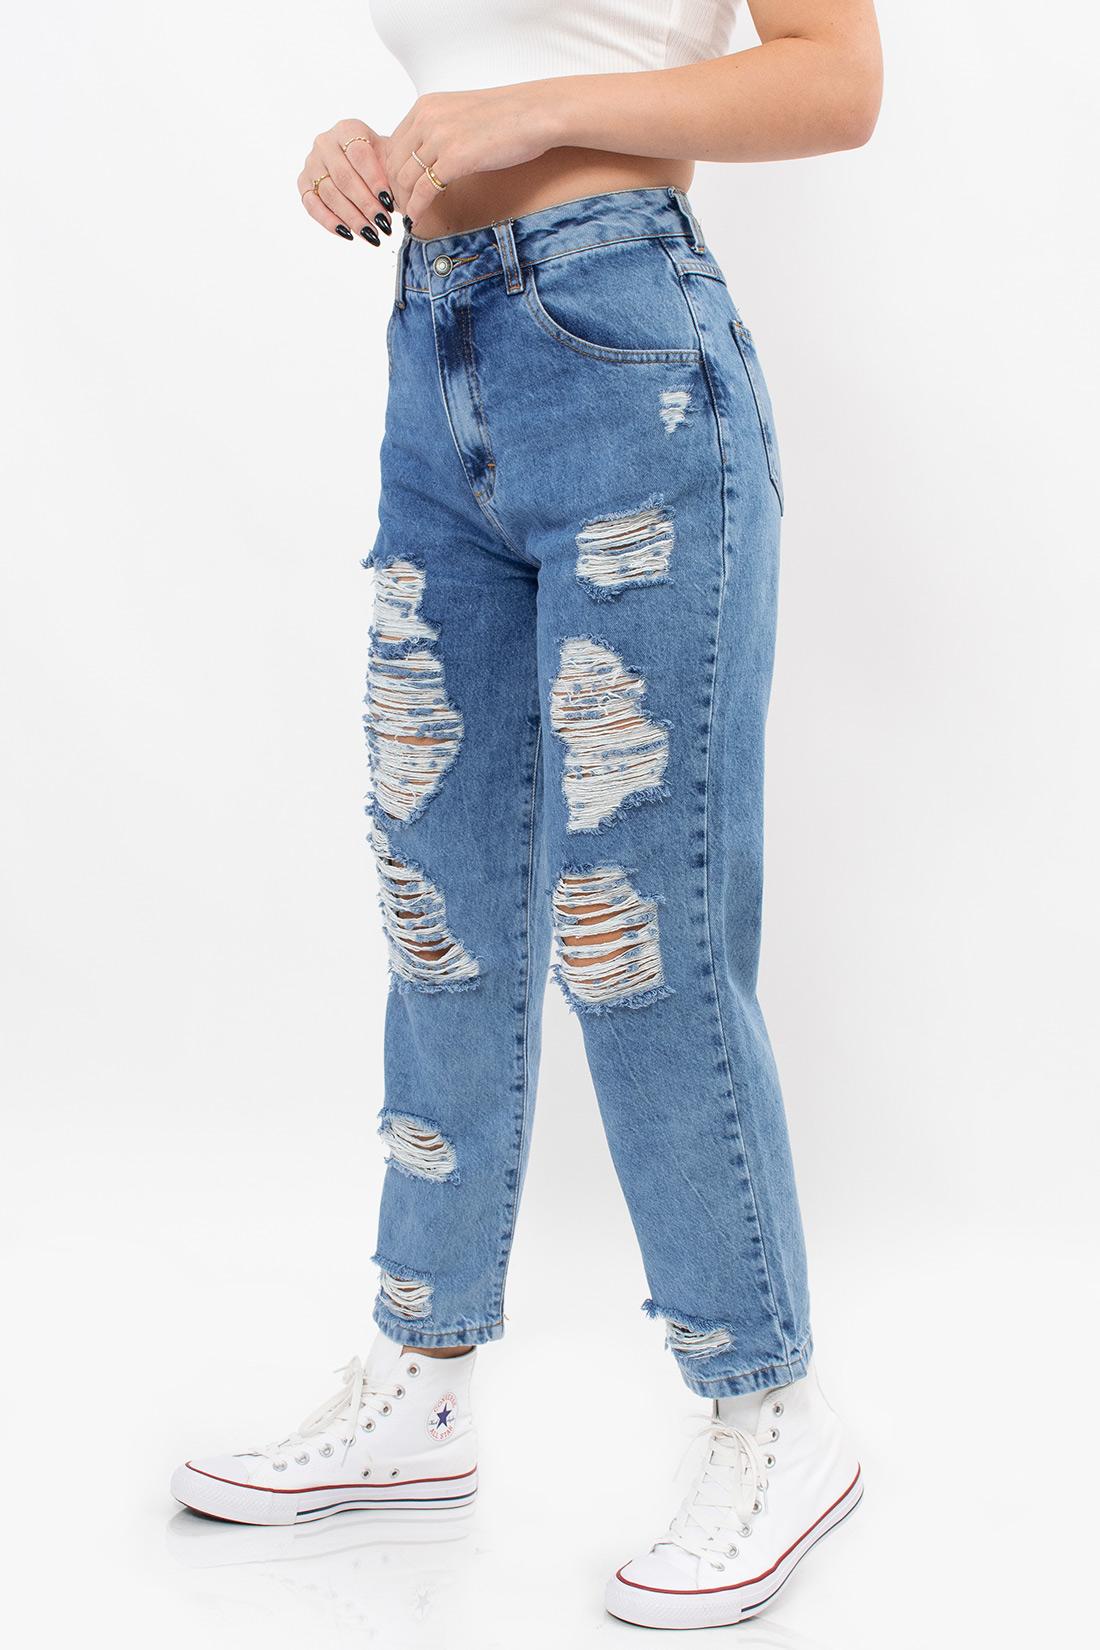 Calca Jeans Ave Rara Cora Rasgos